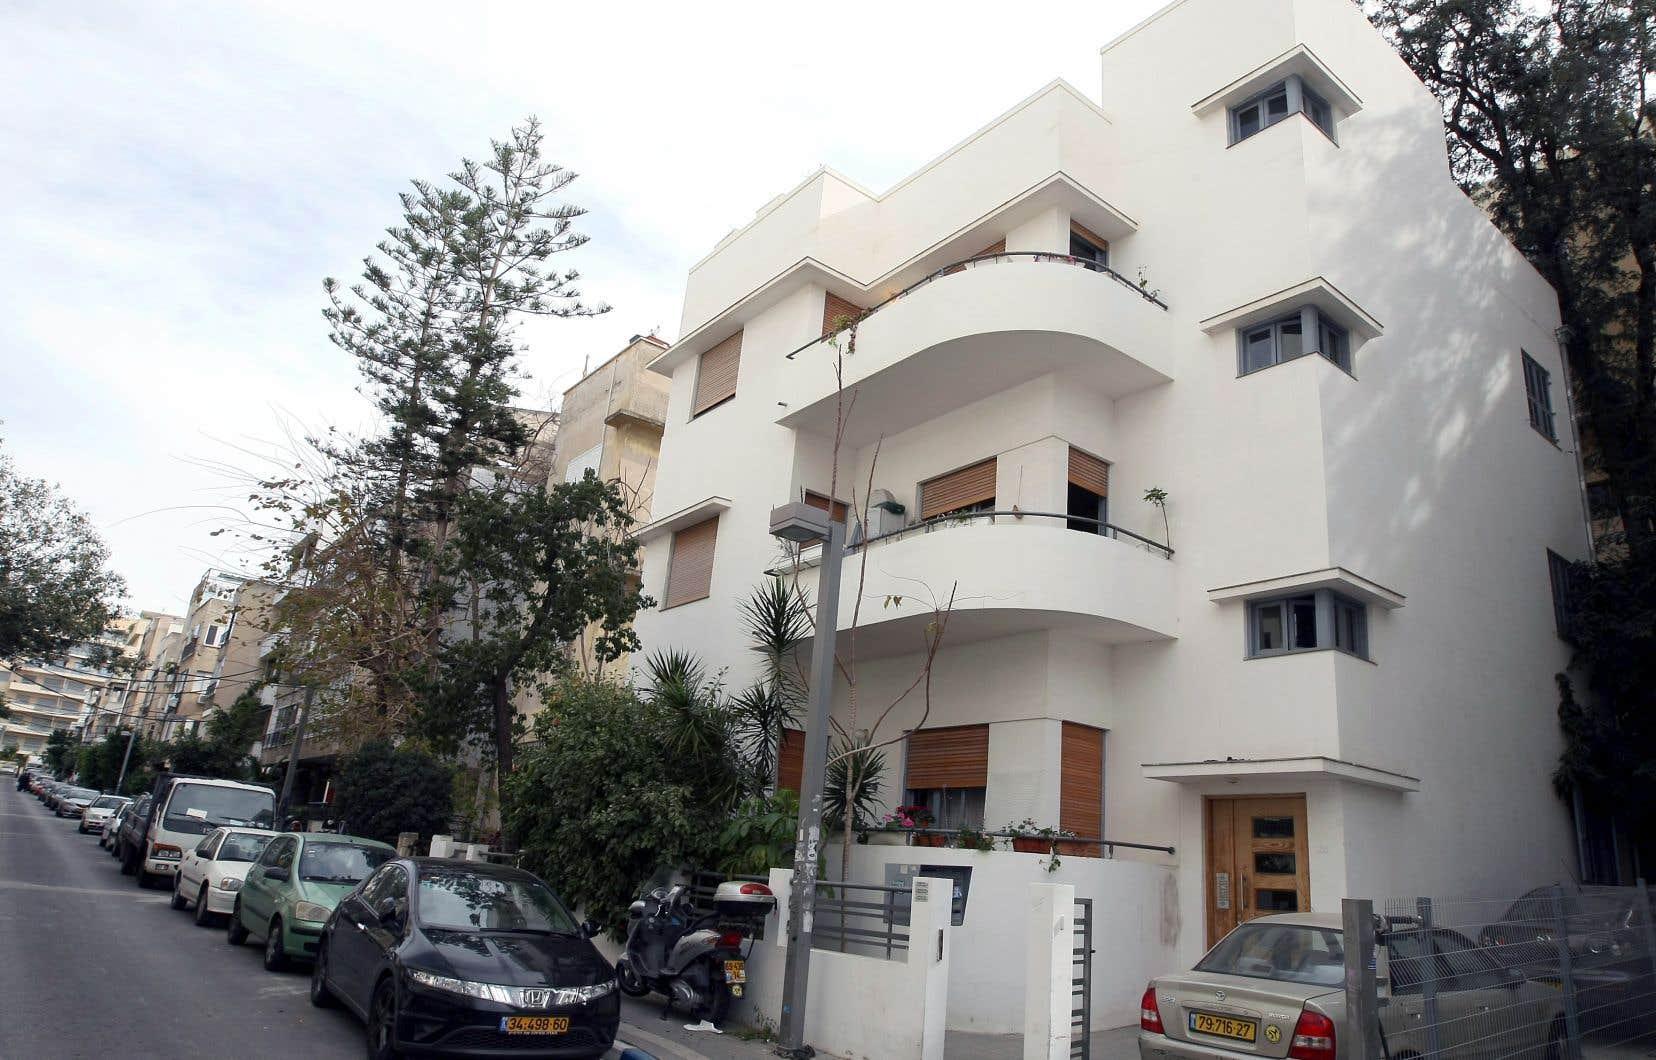 Les rues de la capitale israélienne, Tel-Aviv, comptent des milliers d'édifices aux formes géométriques et aux façades lisses et blanches comme celui-ci.